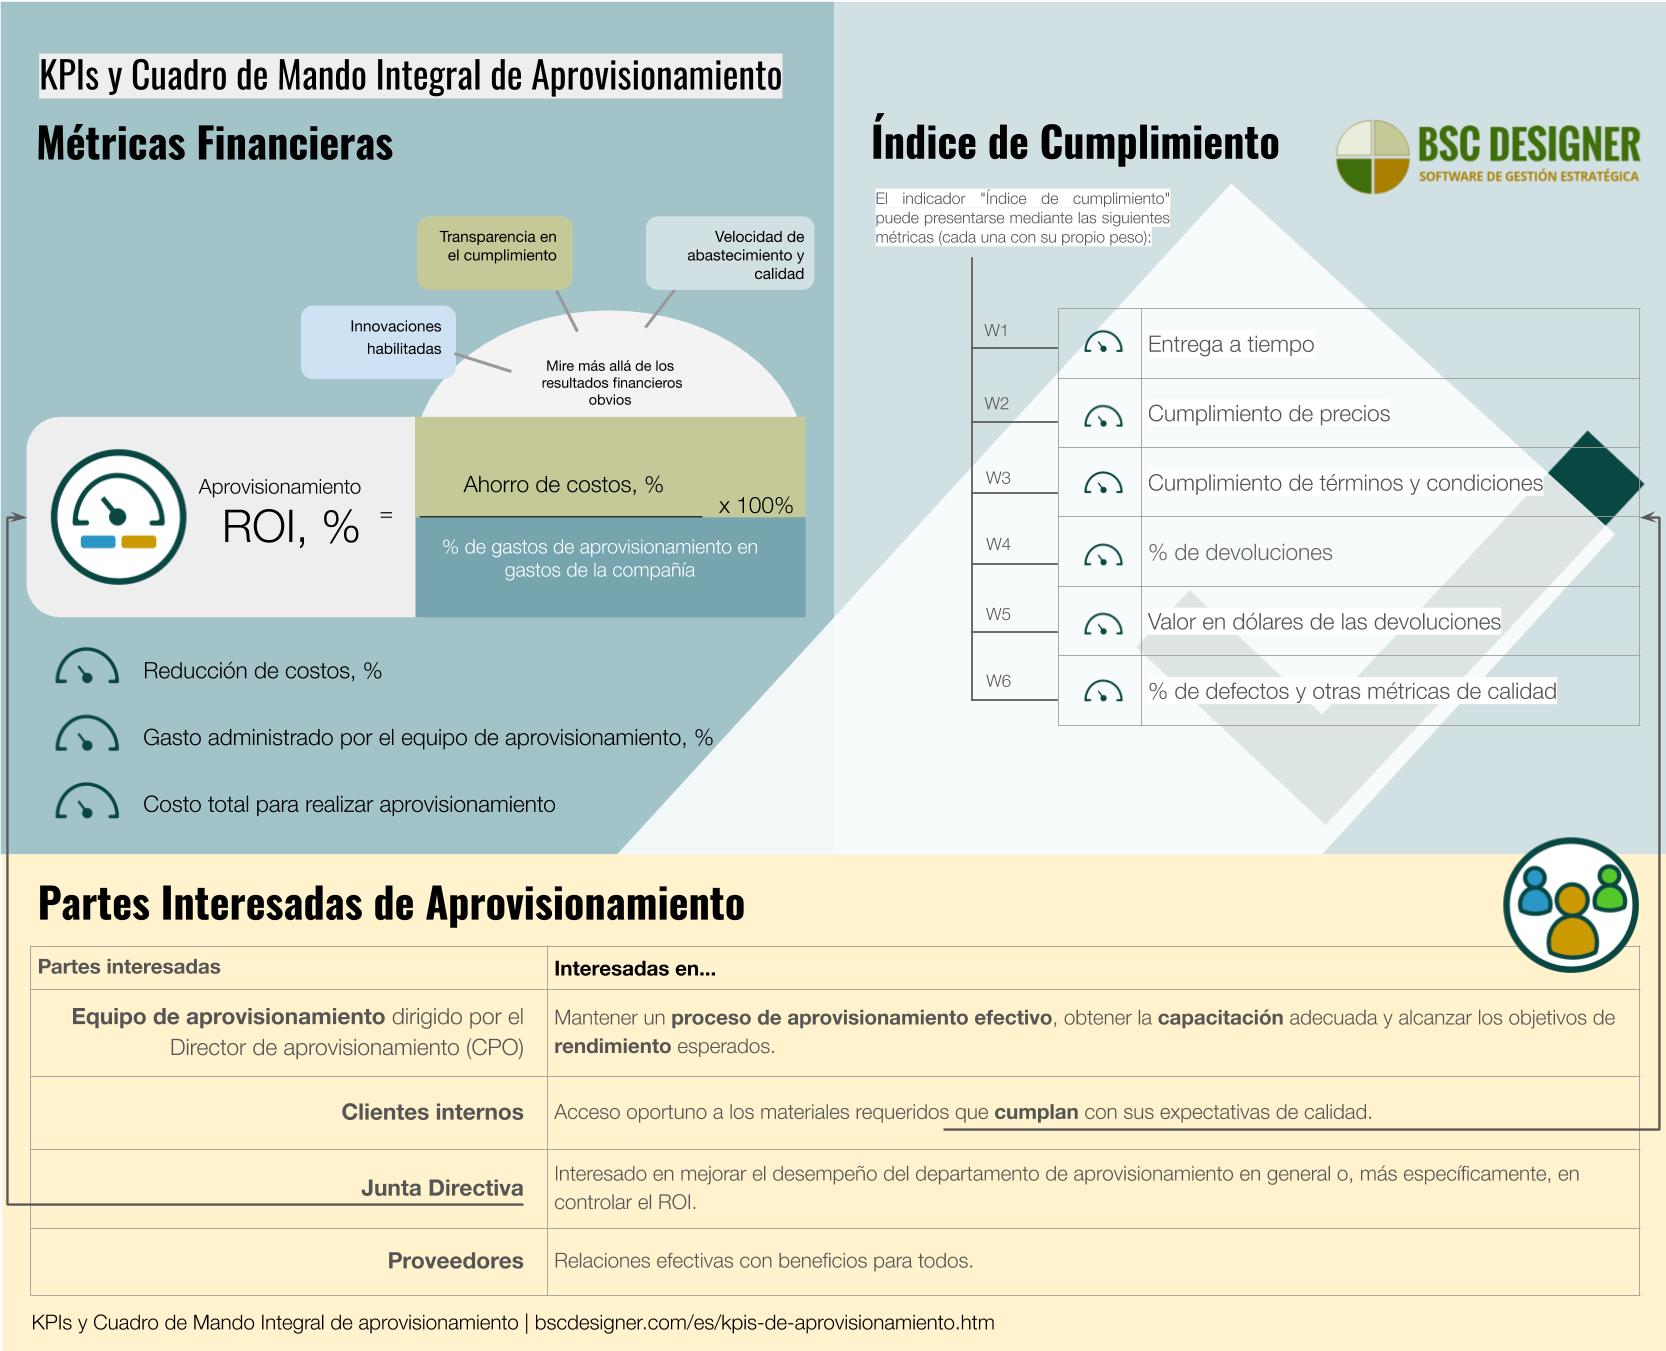 KPIs y Cuadro de Mando de aprovisionamiento o de aprovisionamiento